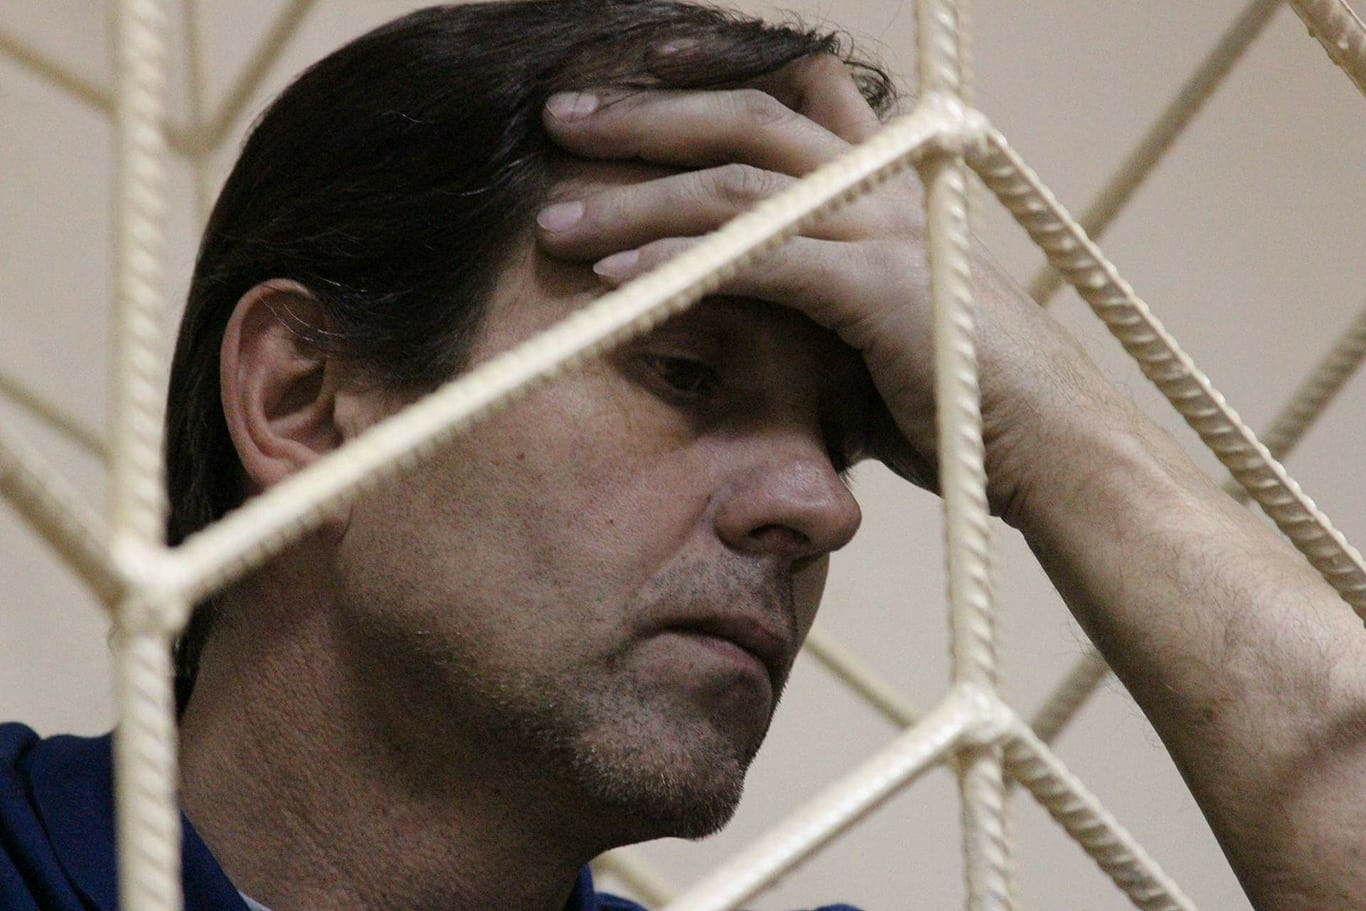 Владимиру Балуху продлили срок содержания под стражей до 14 августа